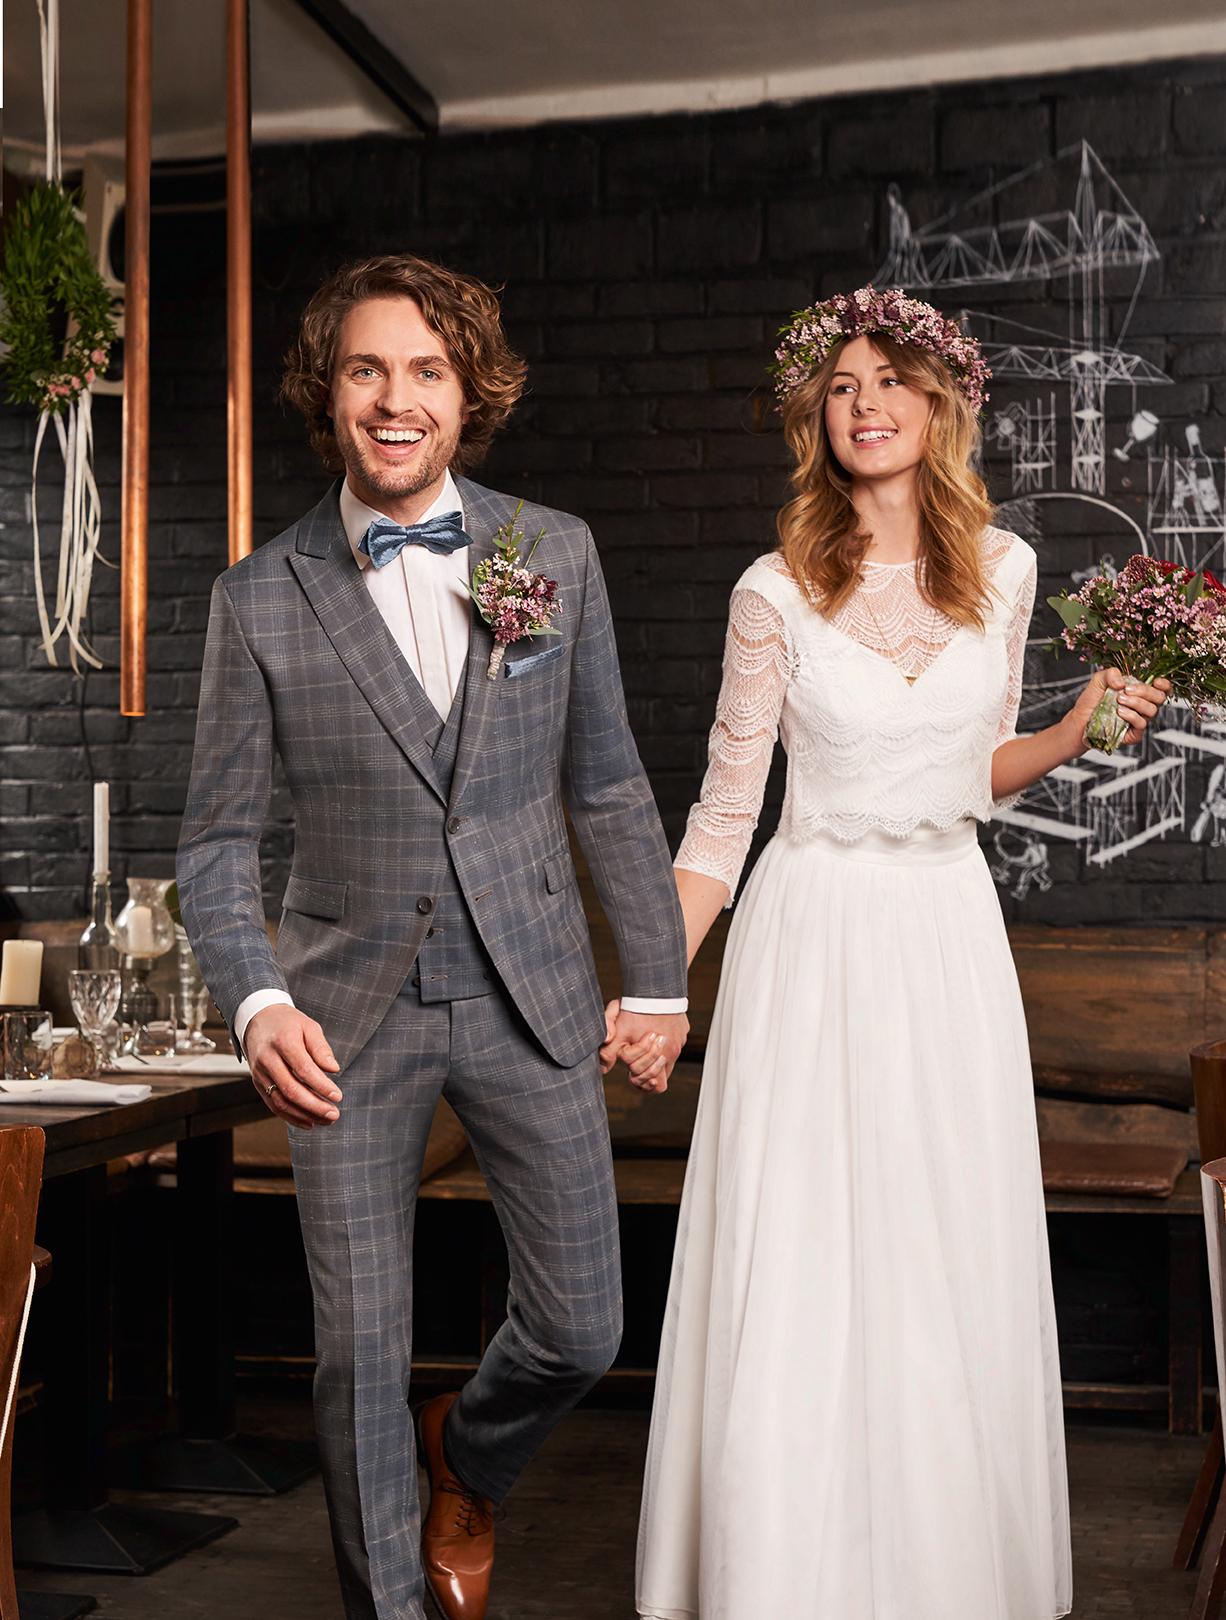 Wilvorst Green Wedding Hochzeitsanzug Männer Mode Bräutigam klassische Form vintage boho Stil grosses karo blau grau mit passender Weste blaue Fliege